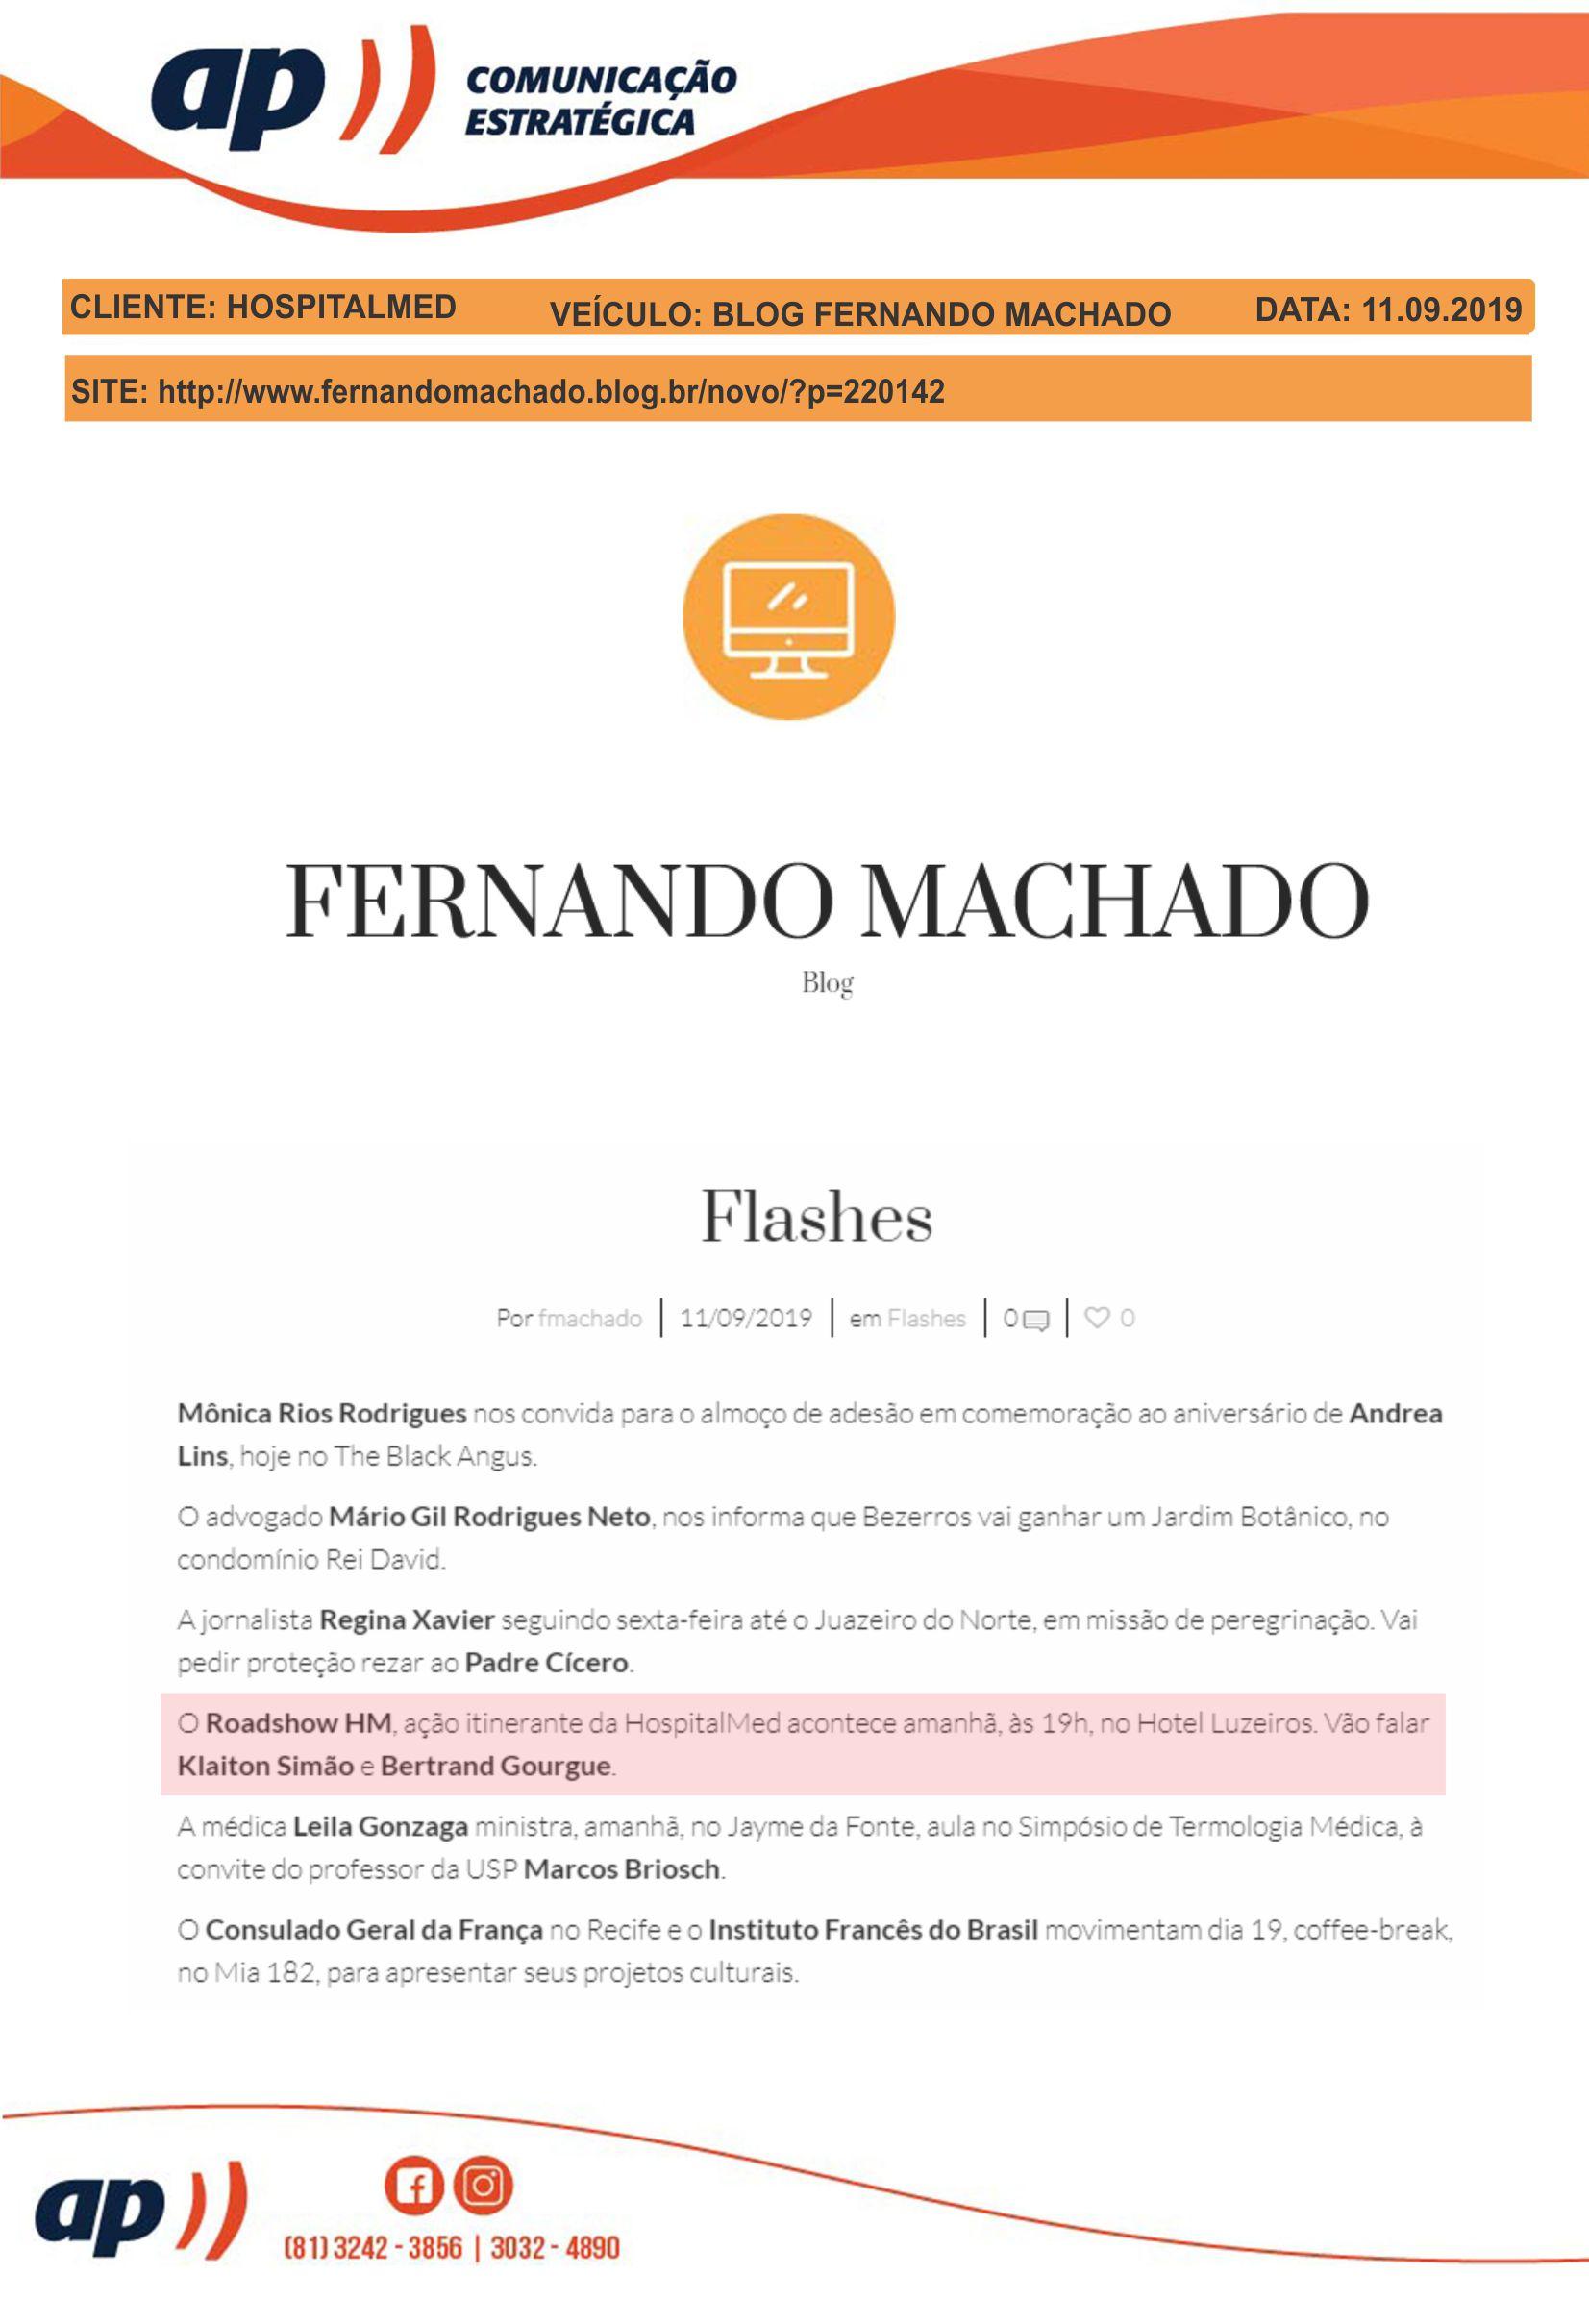 11.09.19 - BLOG FERNANDO MACHADO